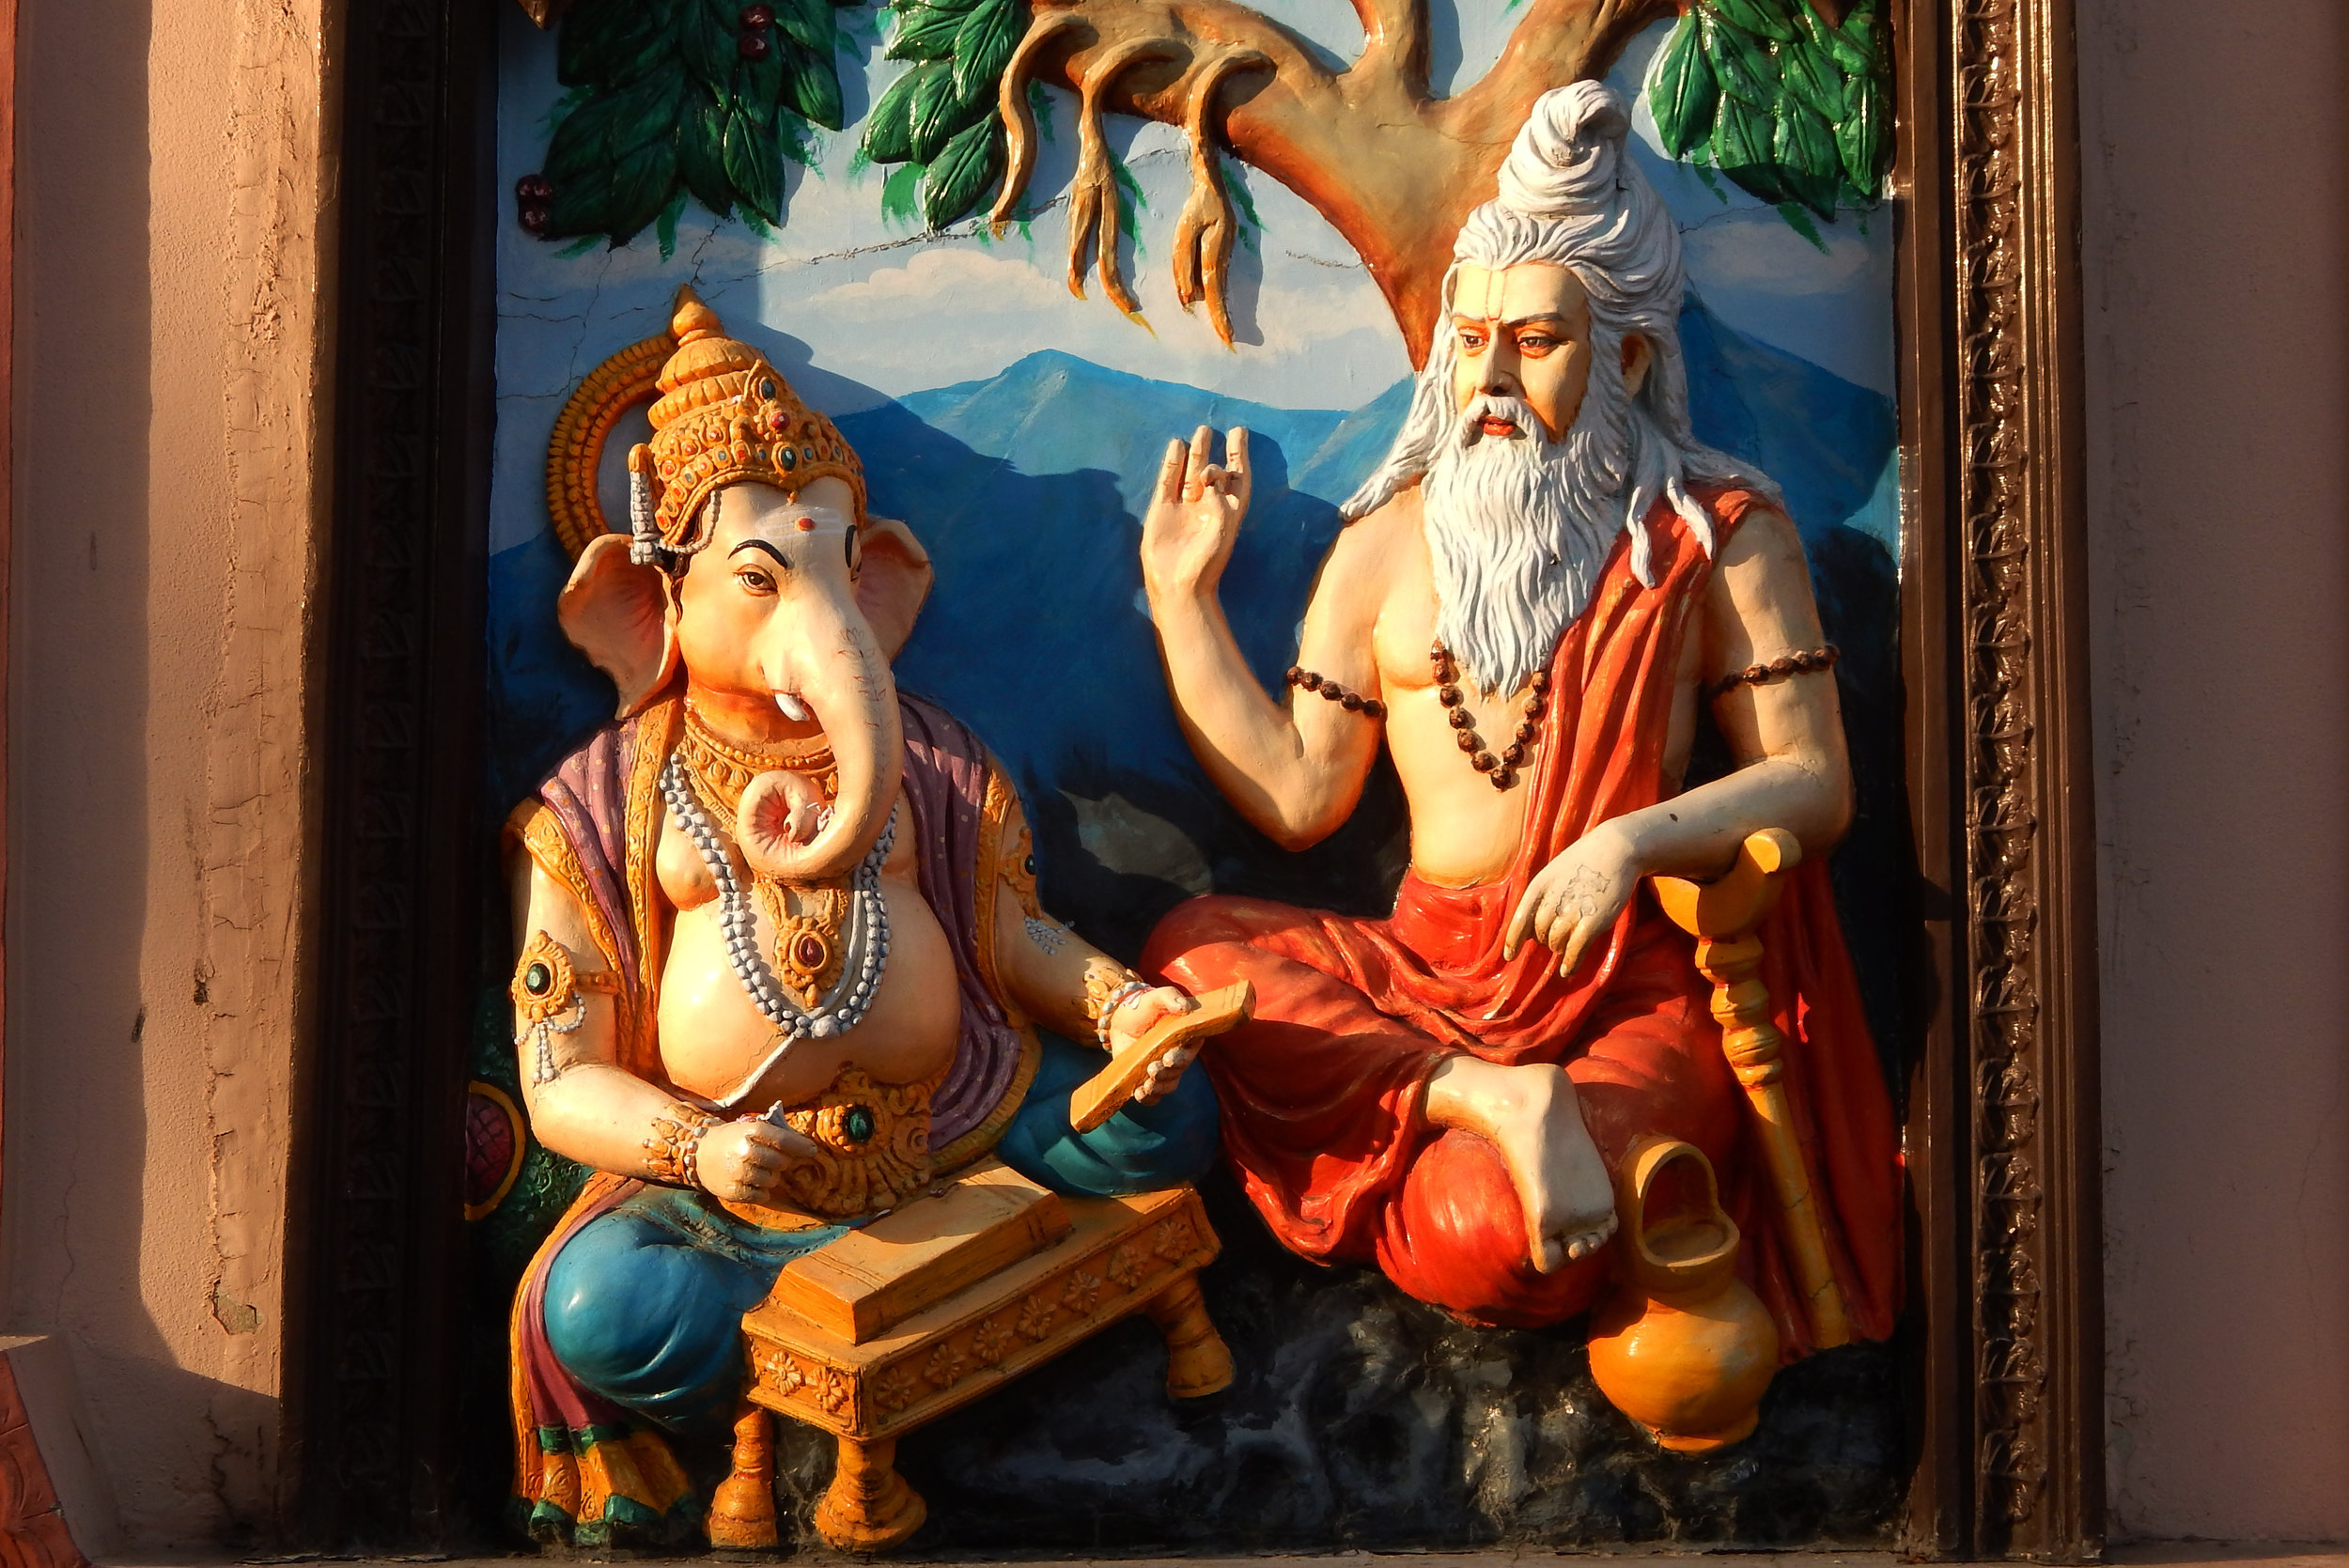 Veda Vyasa dictating the Mahabharata to Ganesha